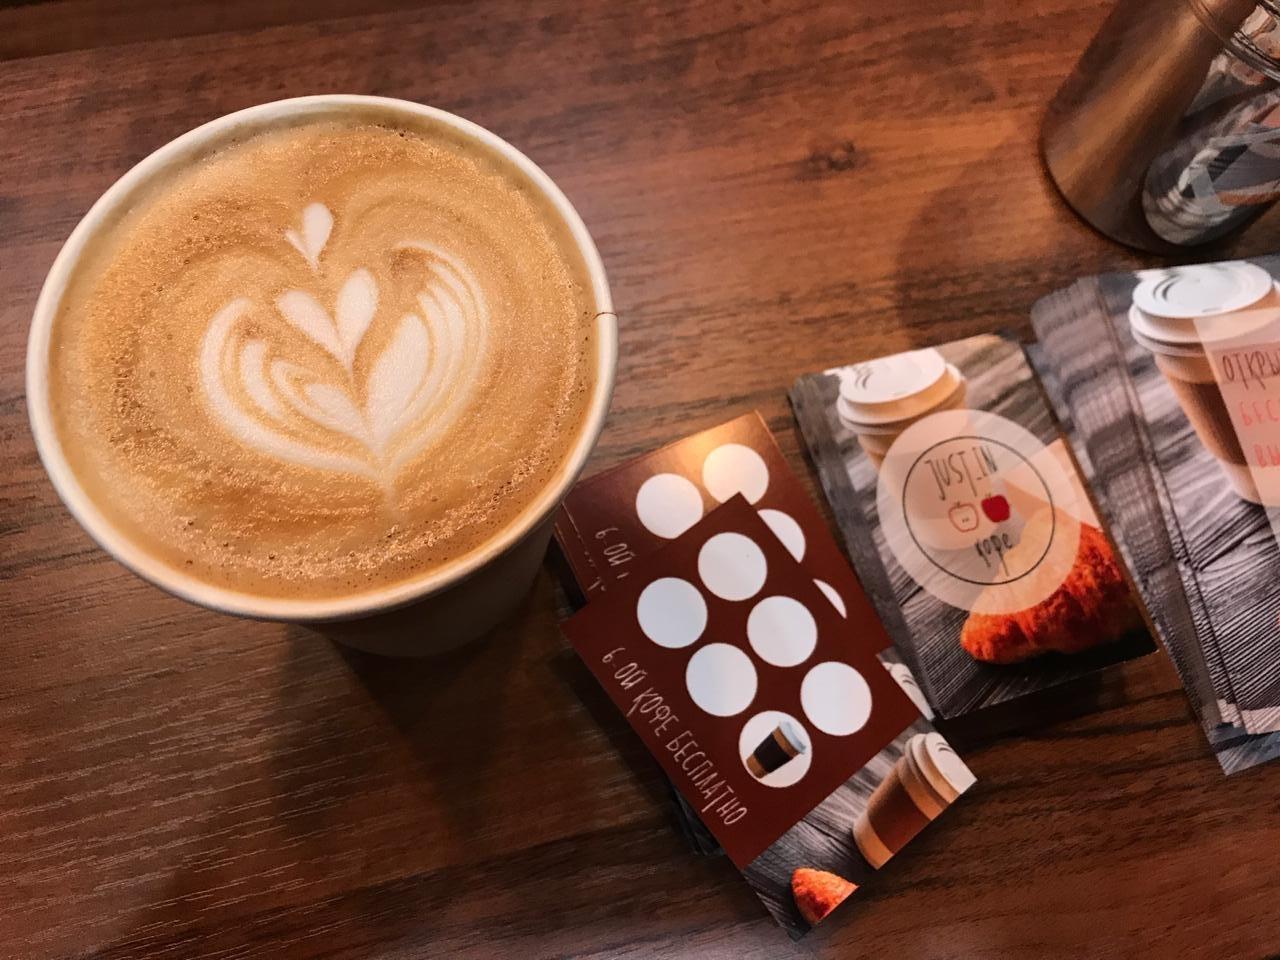 Регистрация открытия кофейни как ип мфц спб регистрация ооо